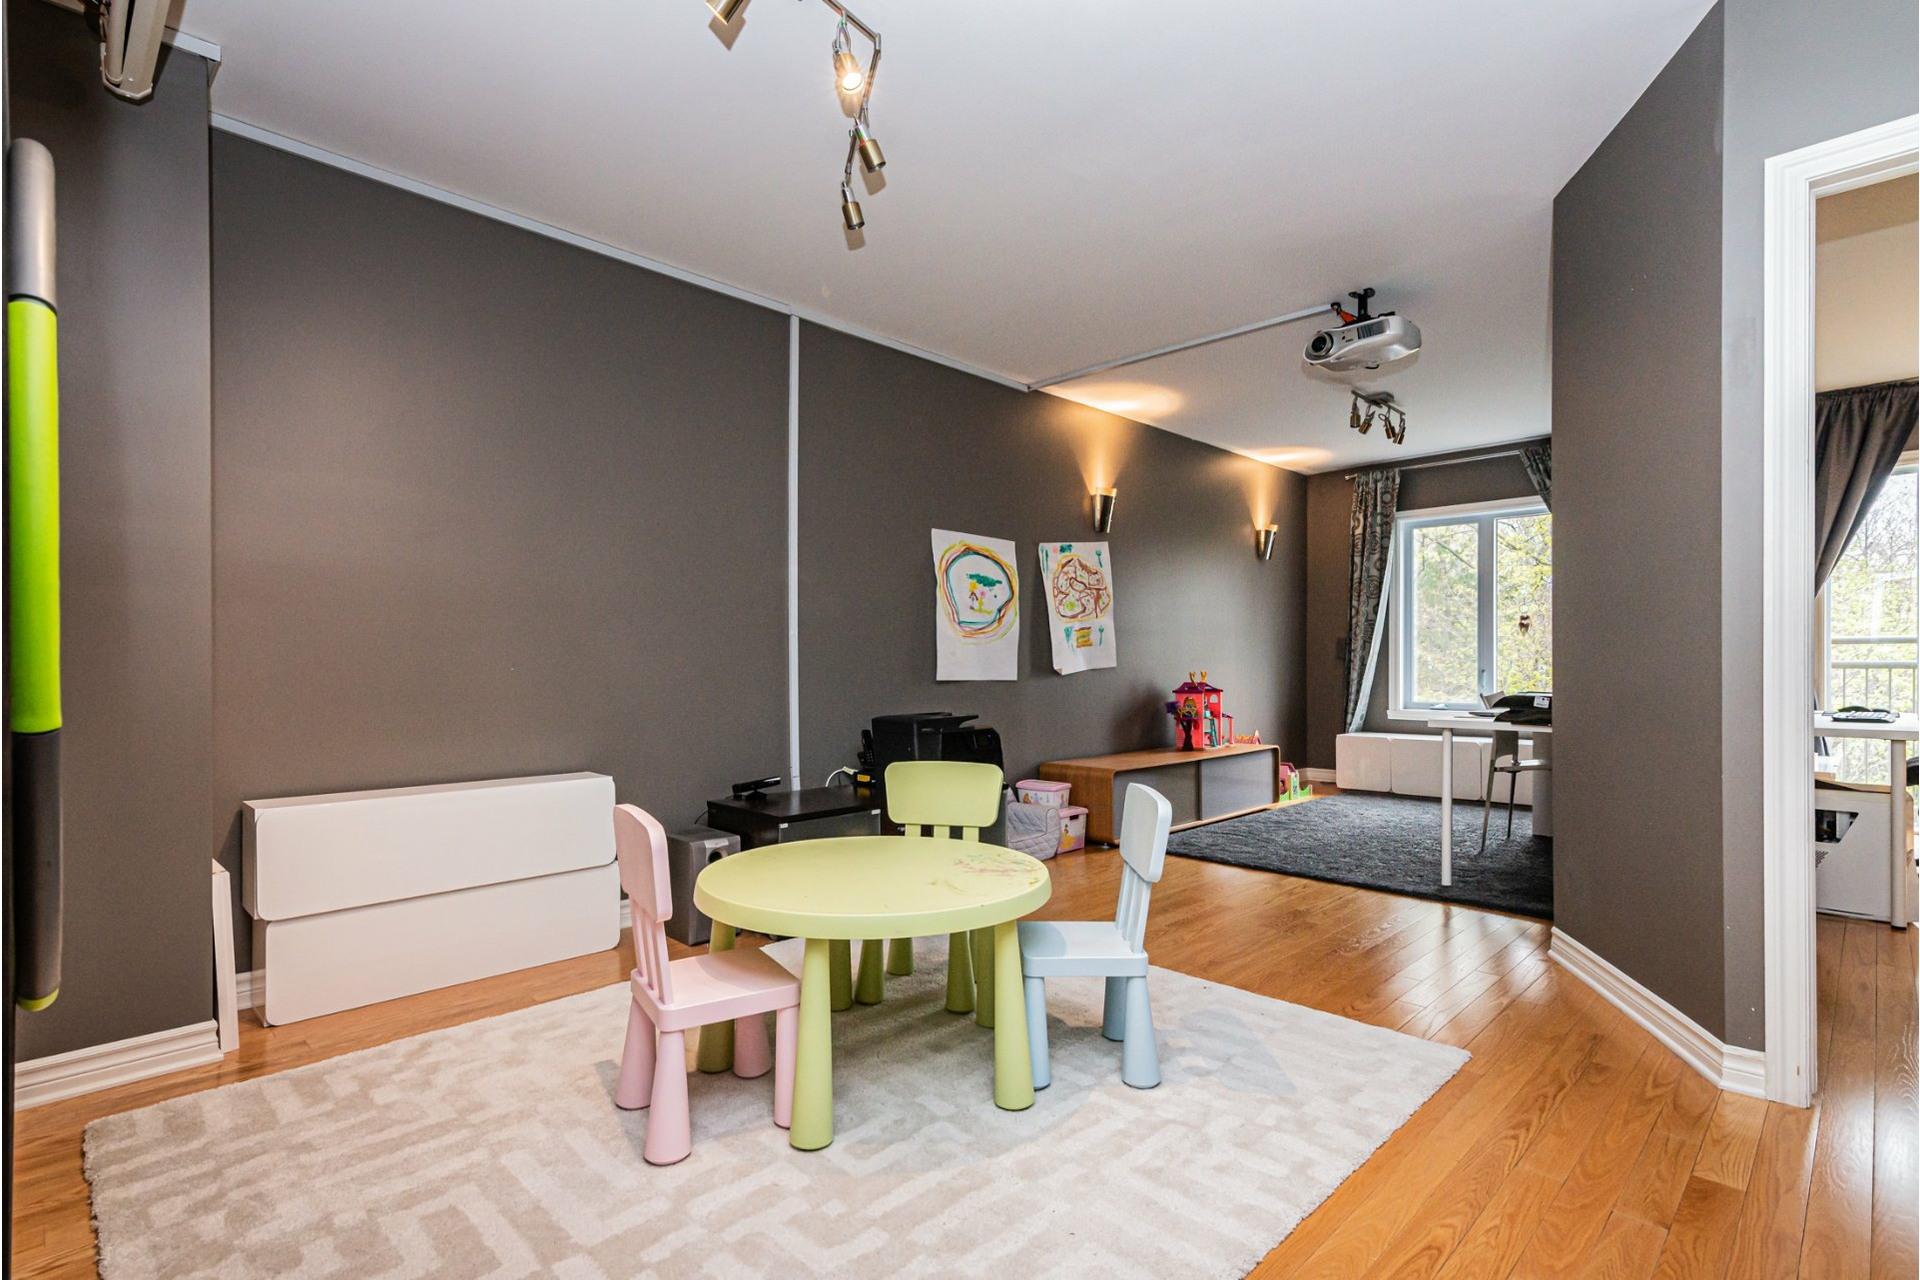 image 24 - House For sale Côte-des-Neiges/Notre-Dame-de-Grâce Montréal  - 11 rooms